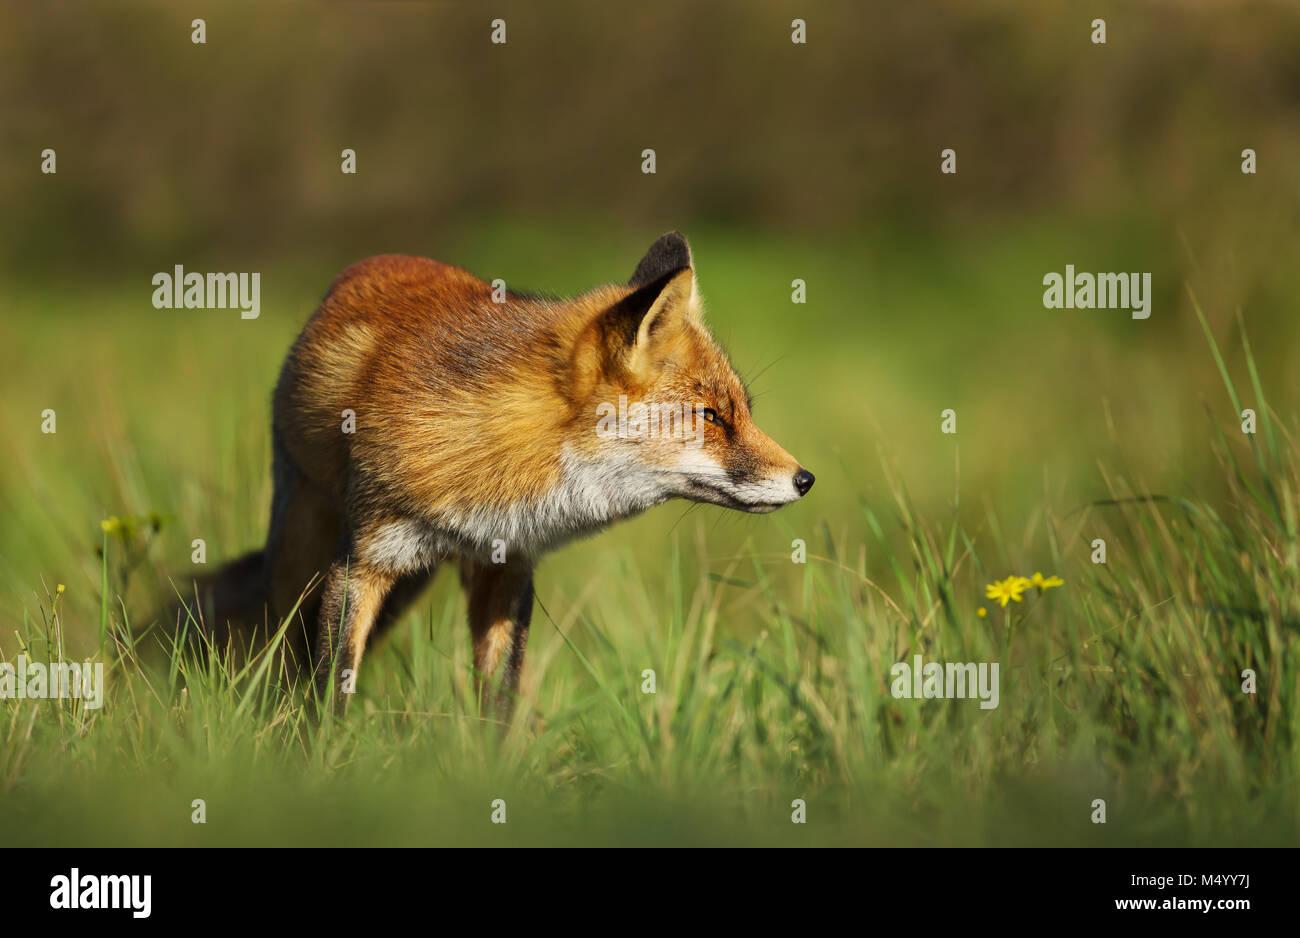 Red Fox in piedi nel campo di erba, UK. Immagini Stock